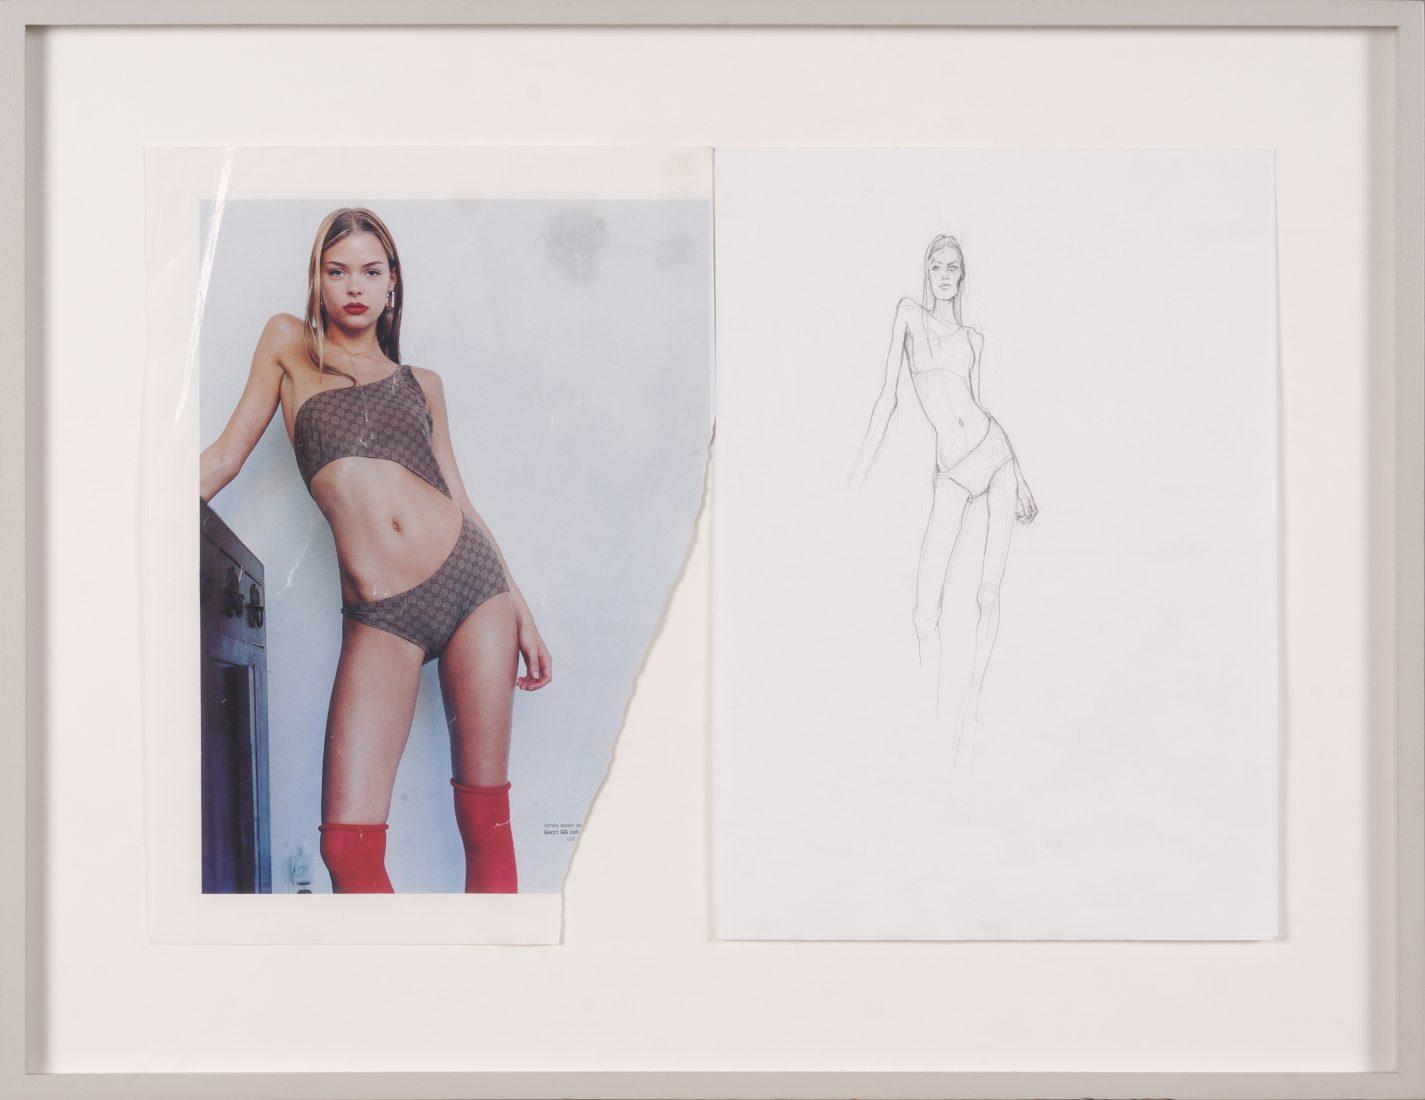 Л.А. Раевен. Ideal Individual, 1999-2001, колаж